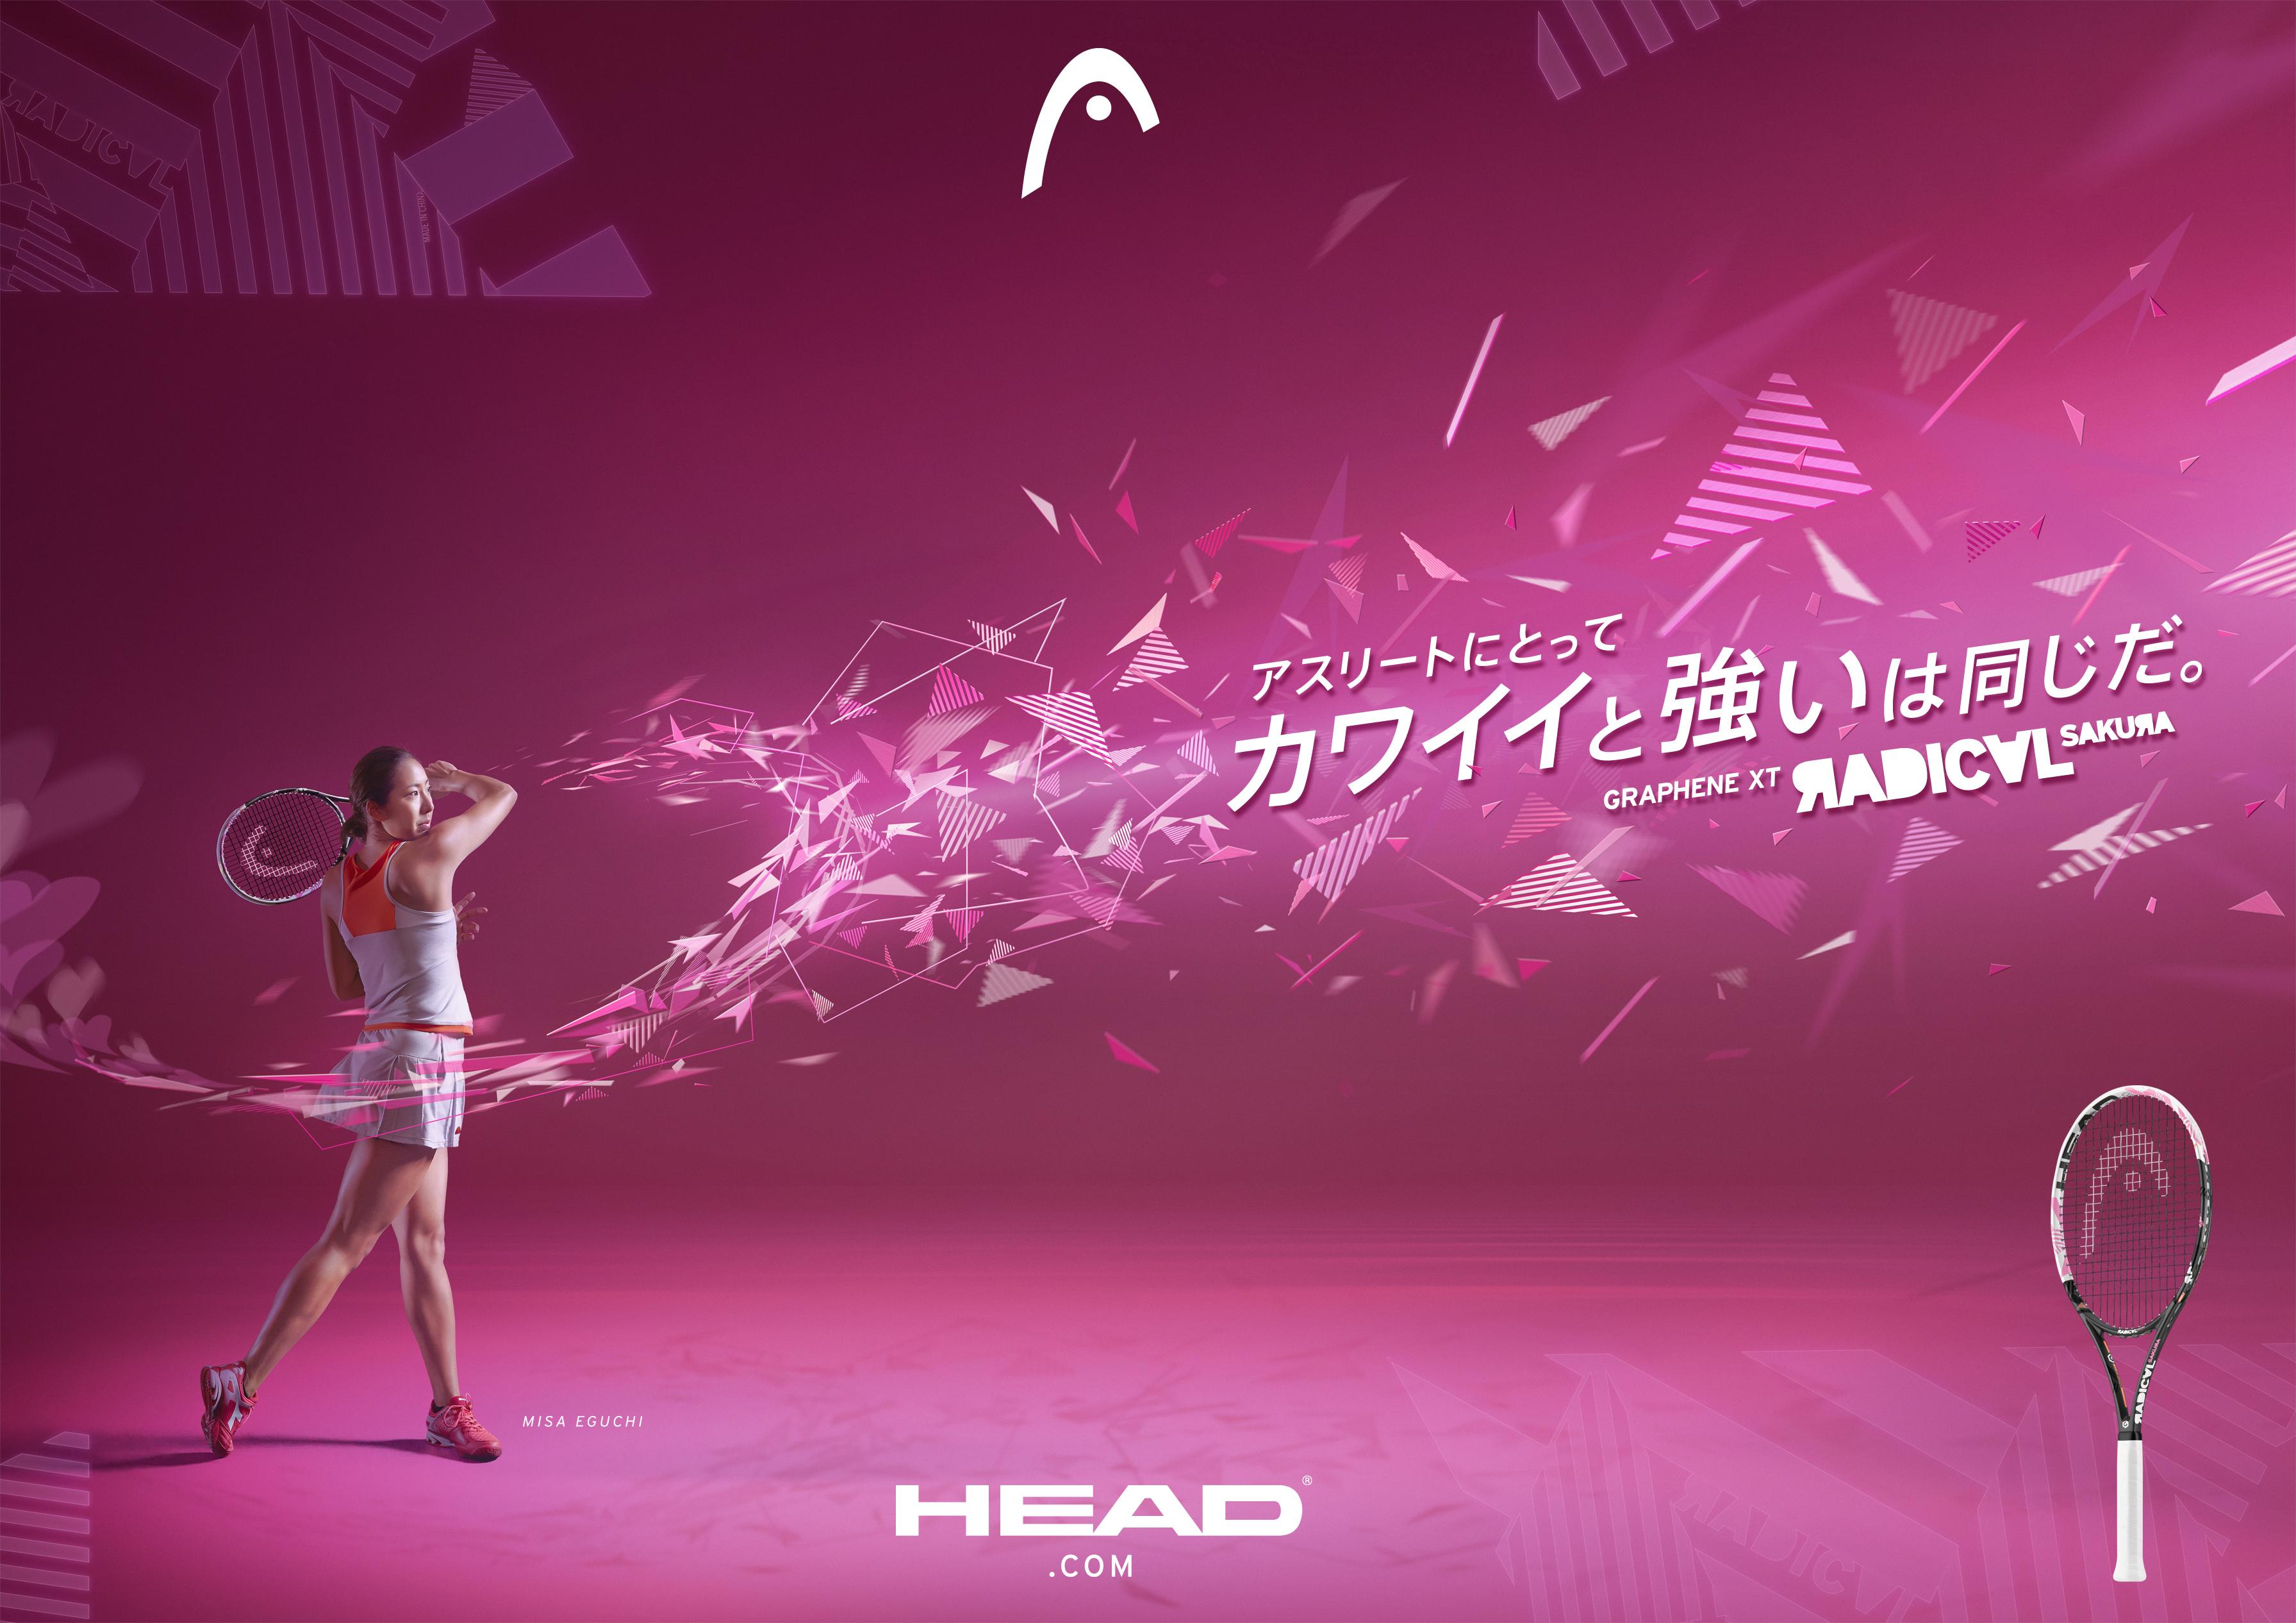 HEAD_KV_L_fin_0226_P